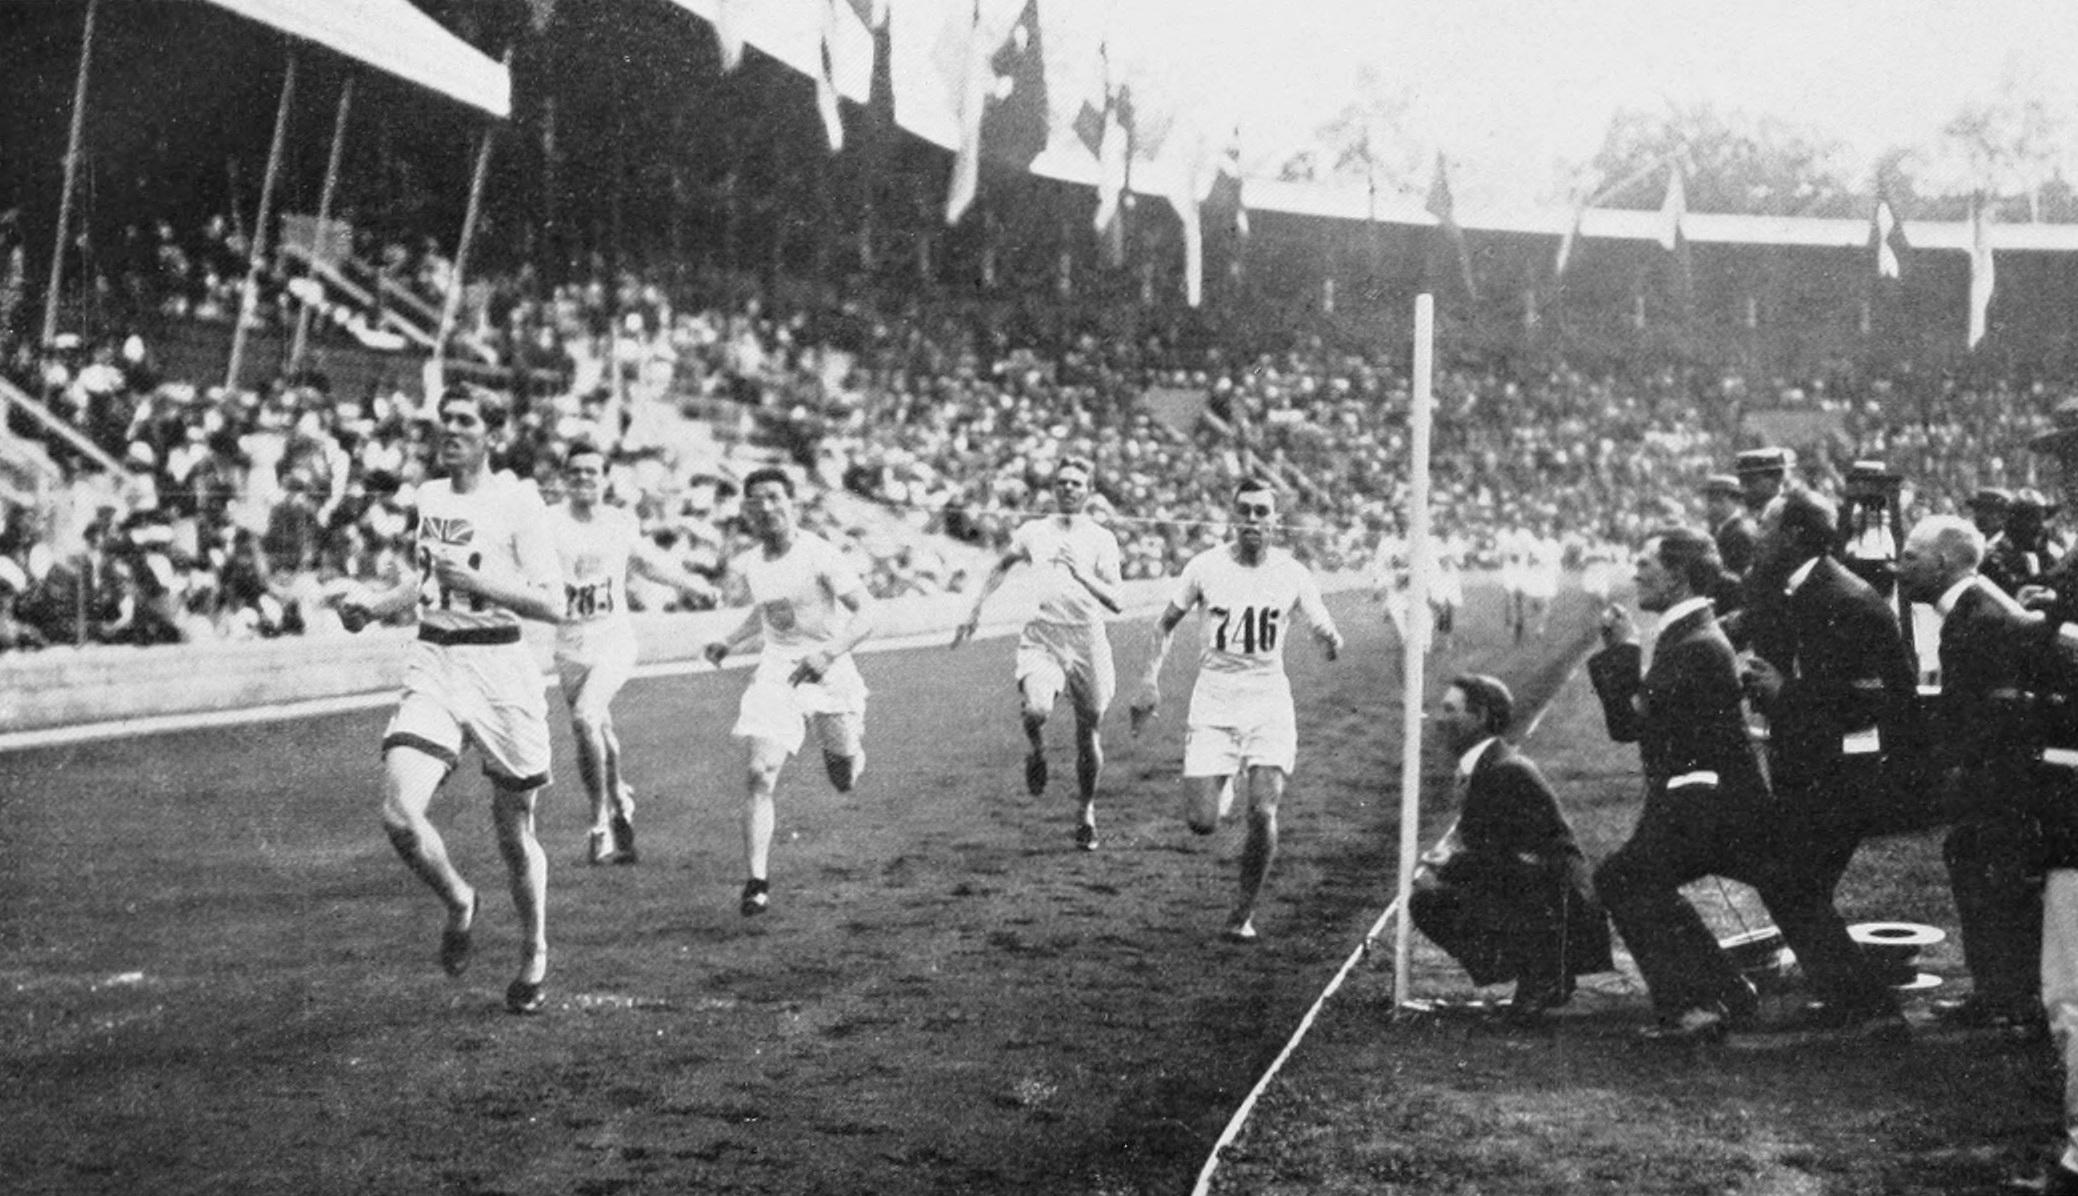 1912, Igrzyska Olimpijskie w Sztokholmie